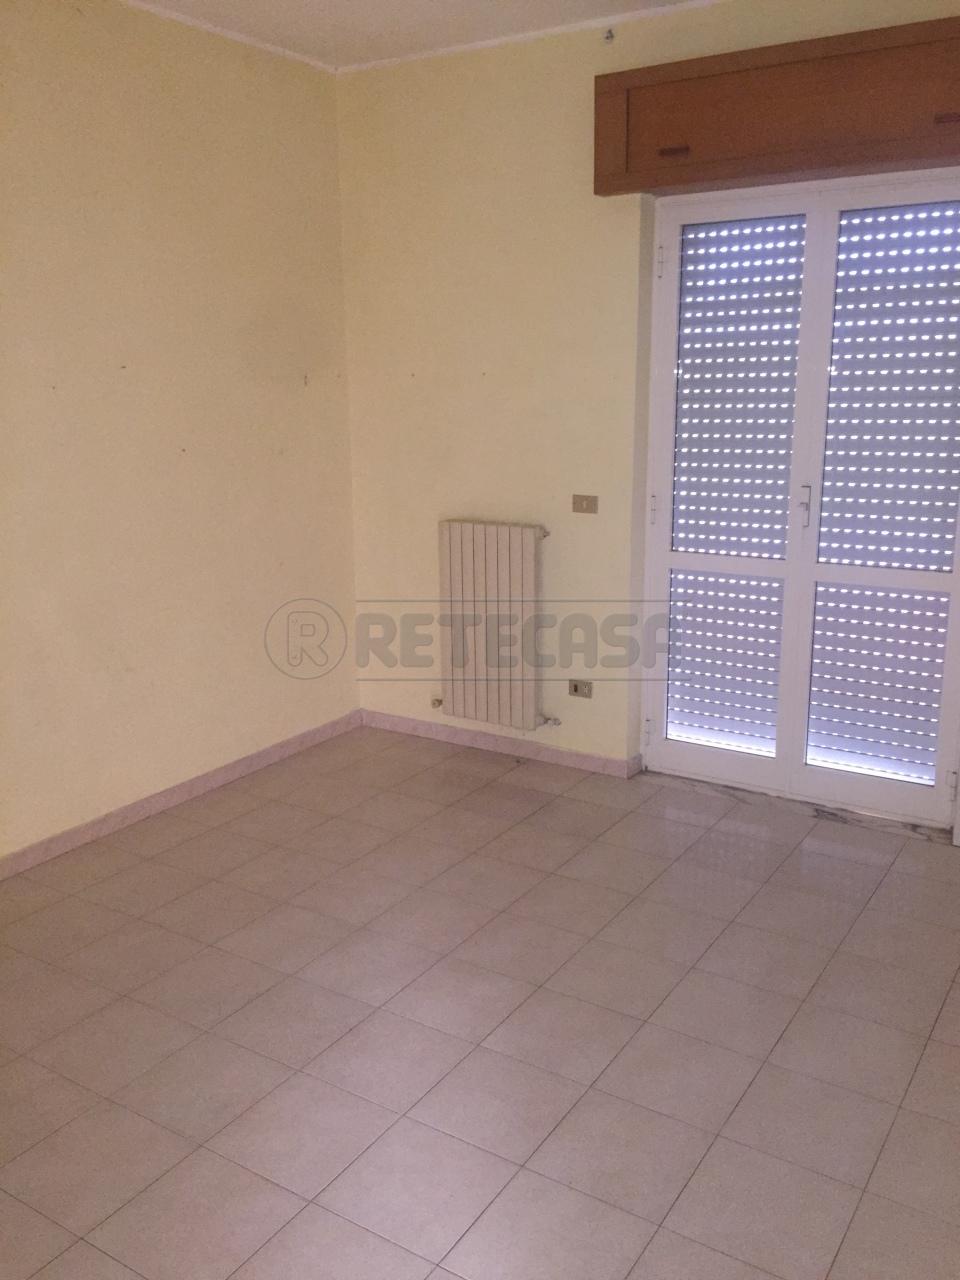 Appartamento trilocale in affitto a Catanzaro (CZ)